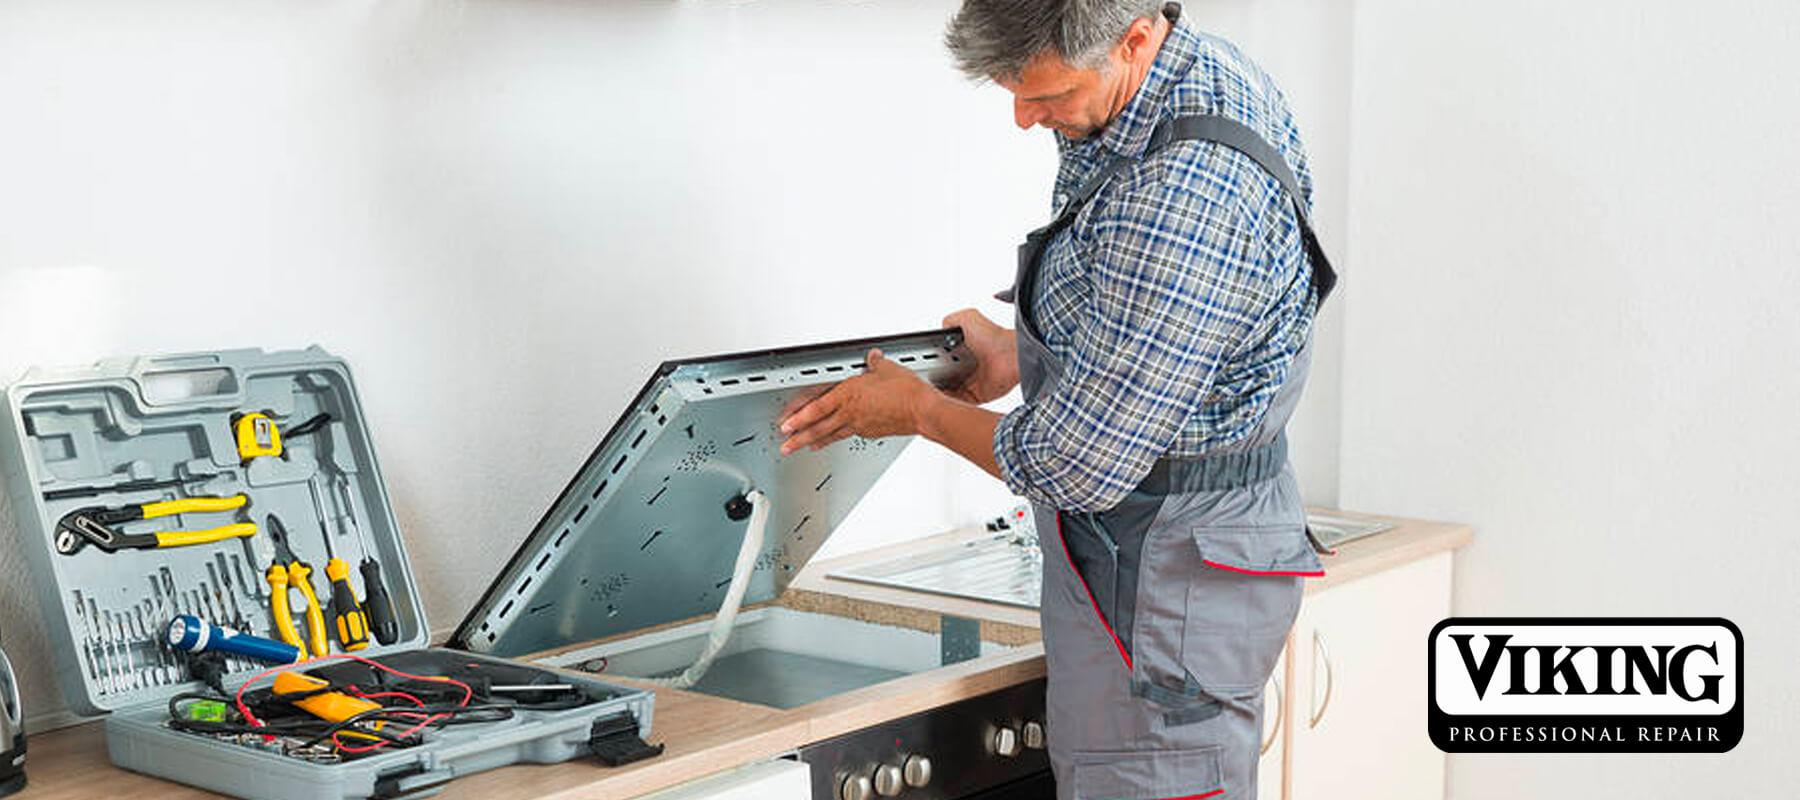 Viking Appliance Cooktop Repair | Professional Viking Repair